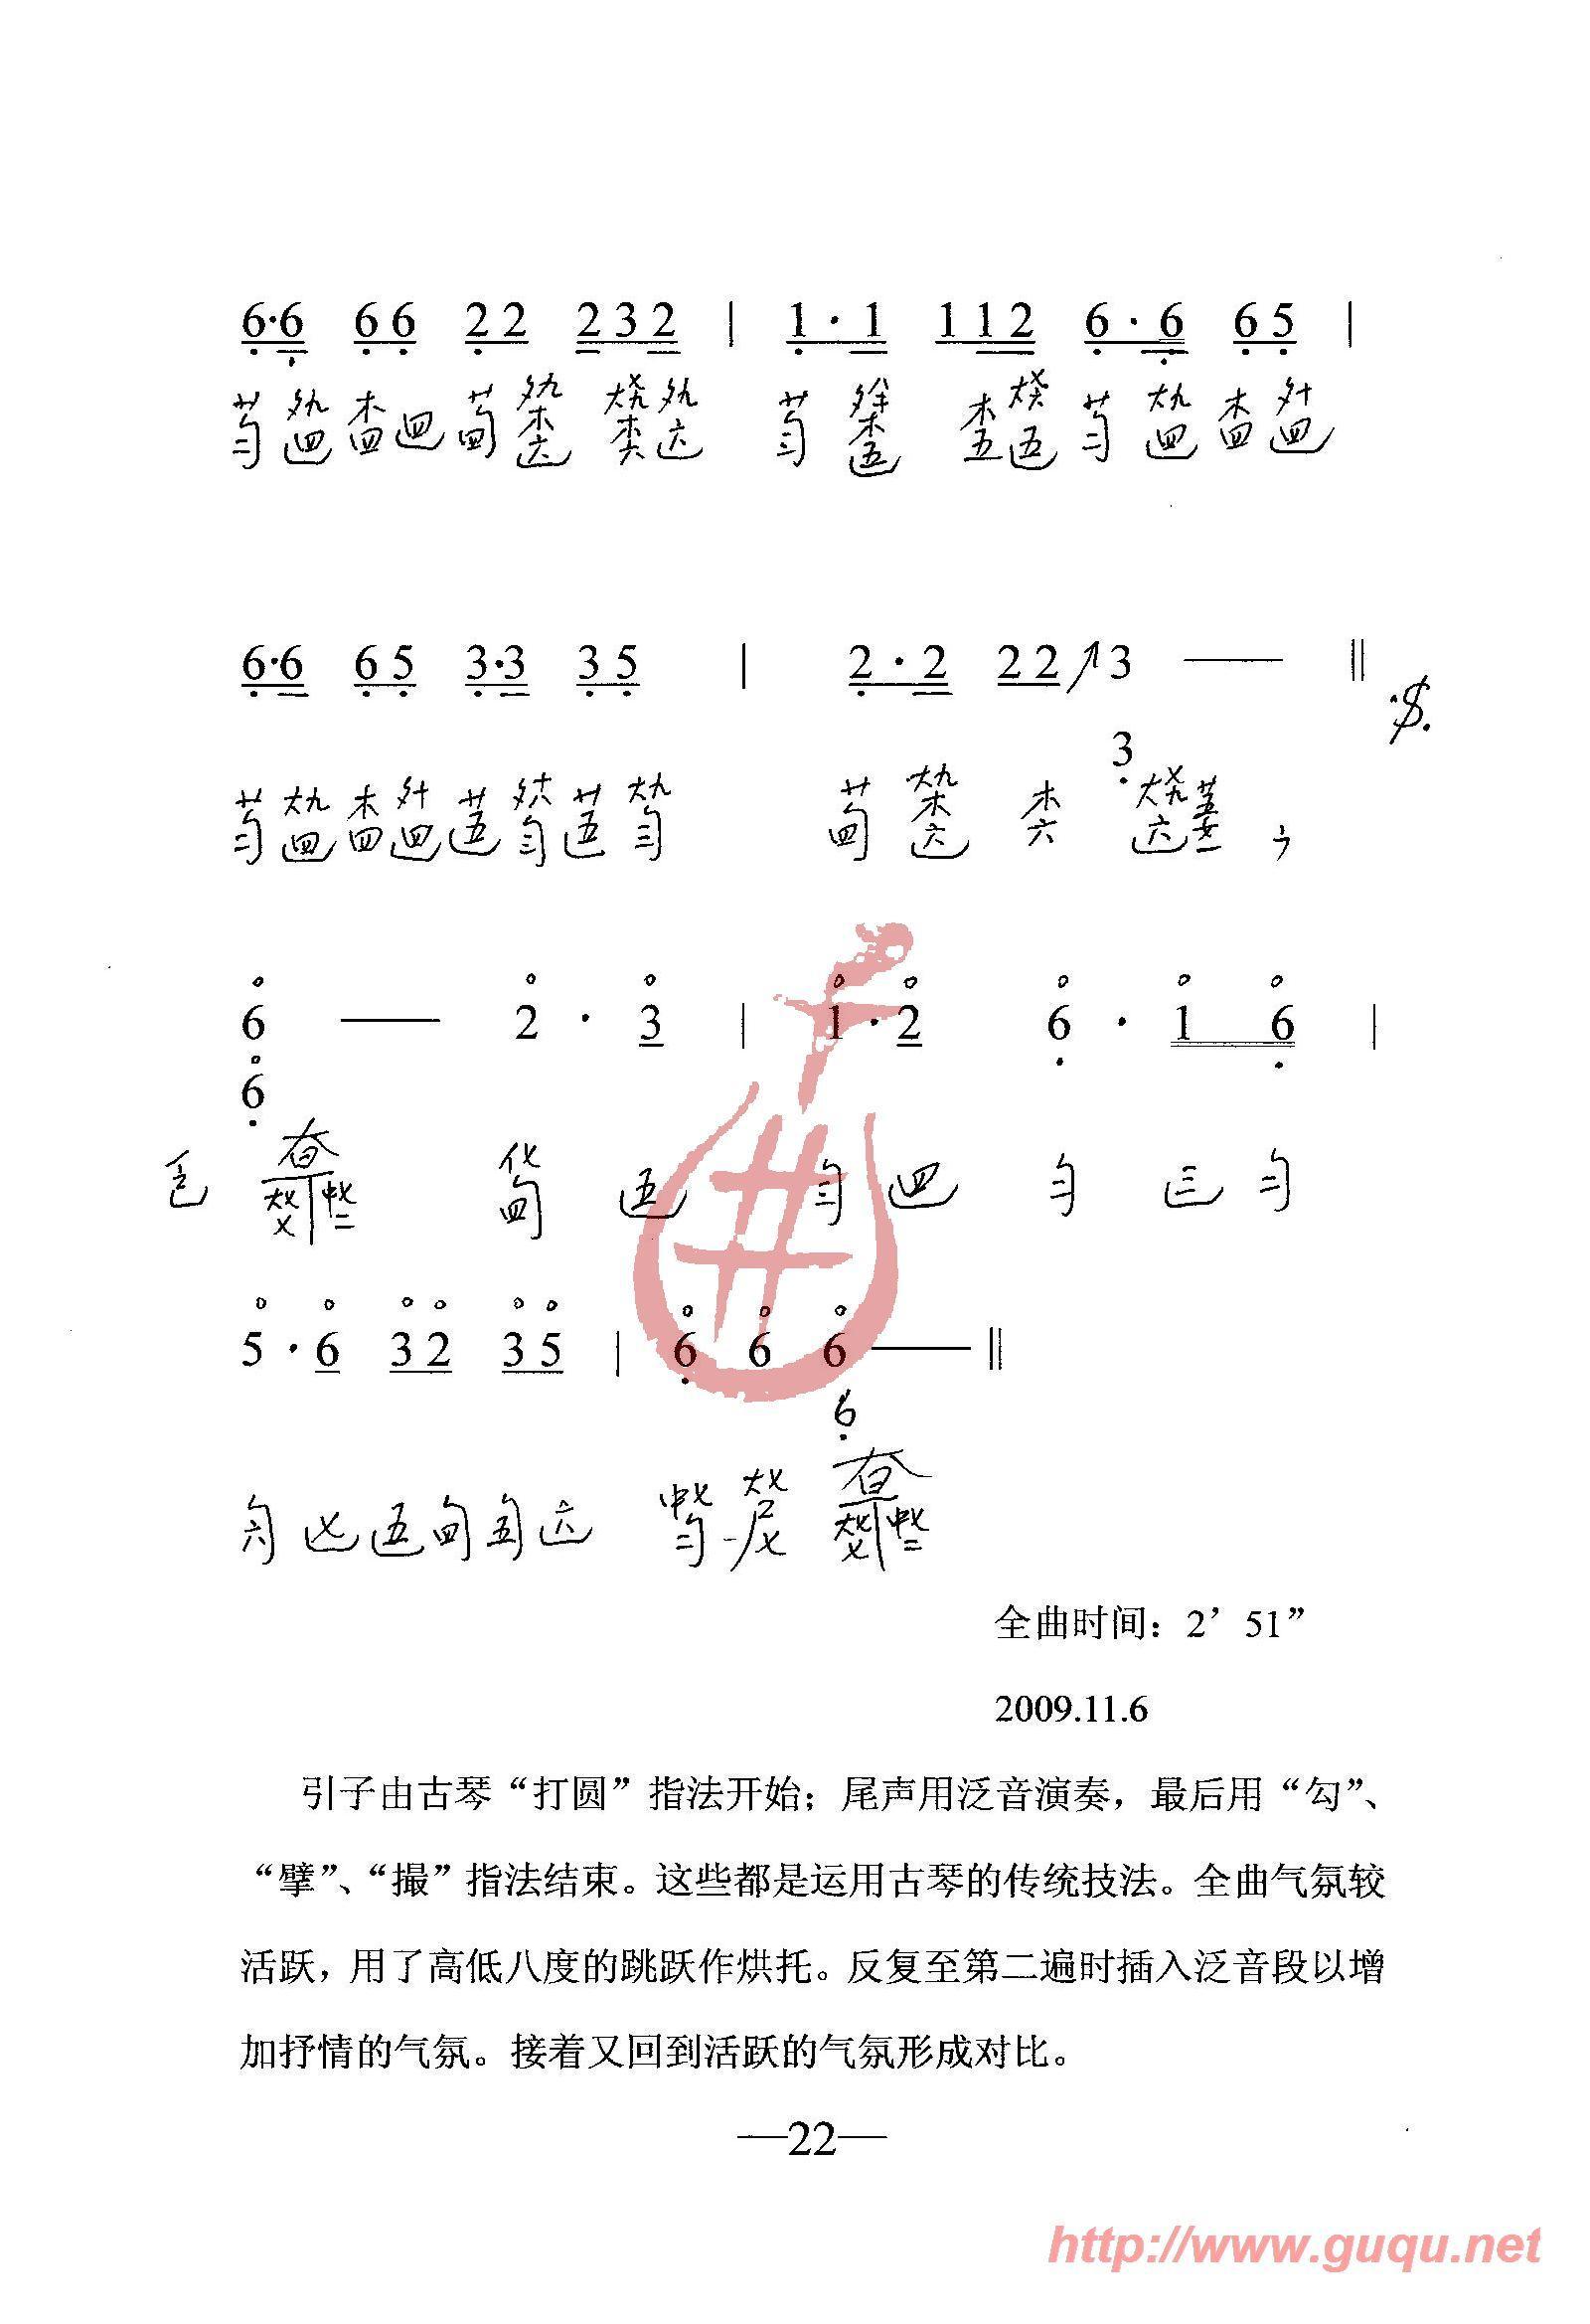 中国古曲网 音乐曲谱 古琴谱 > 曲谱信息      笑傲江湖,诸祥康订古